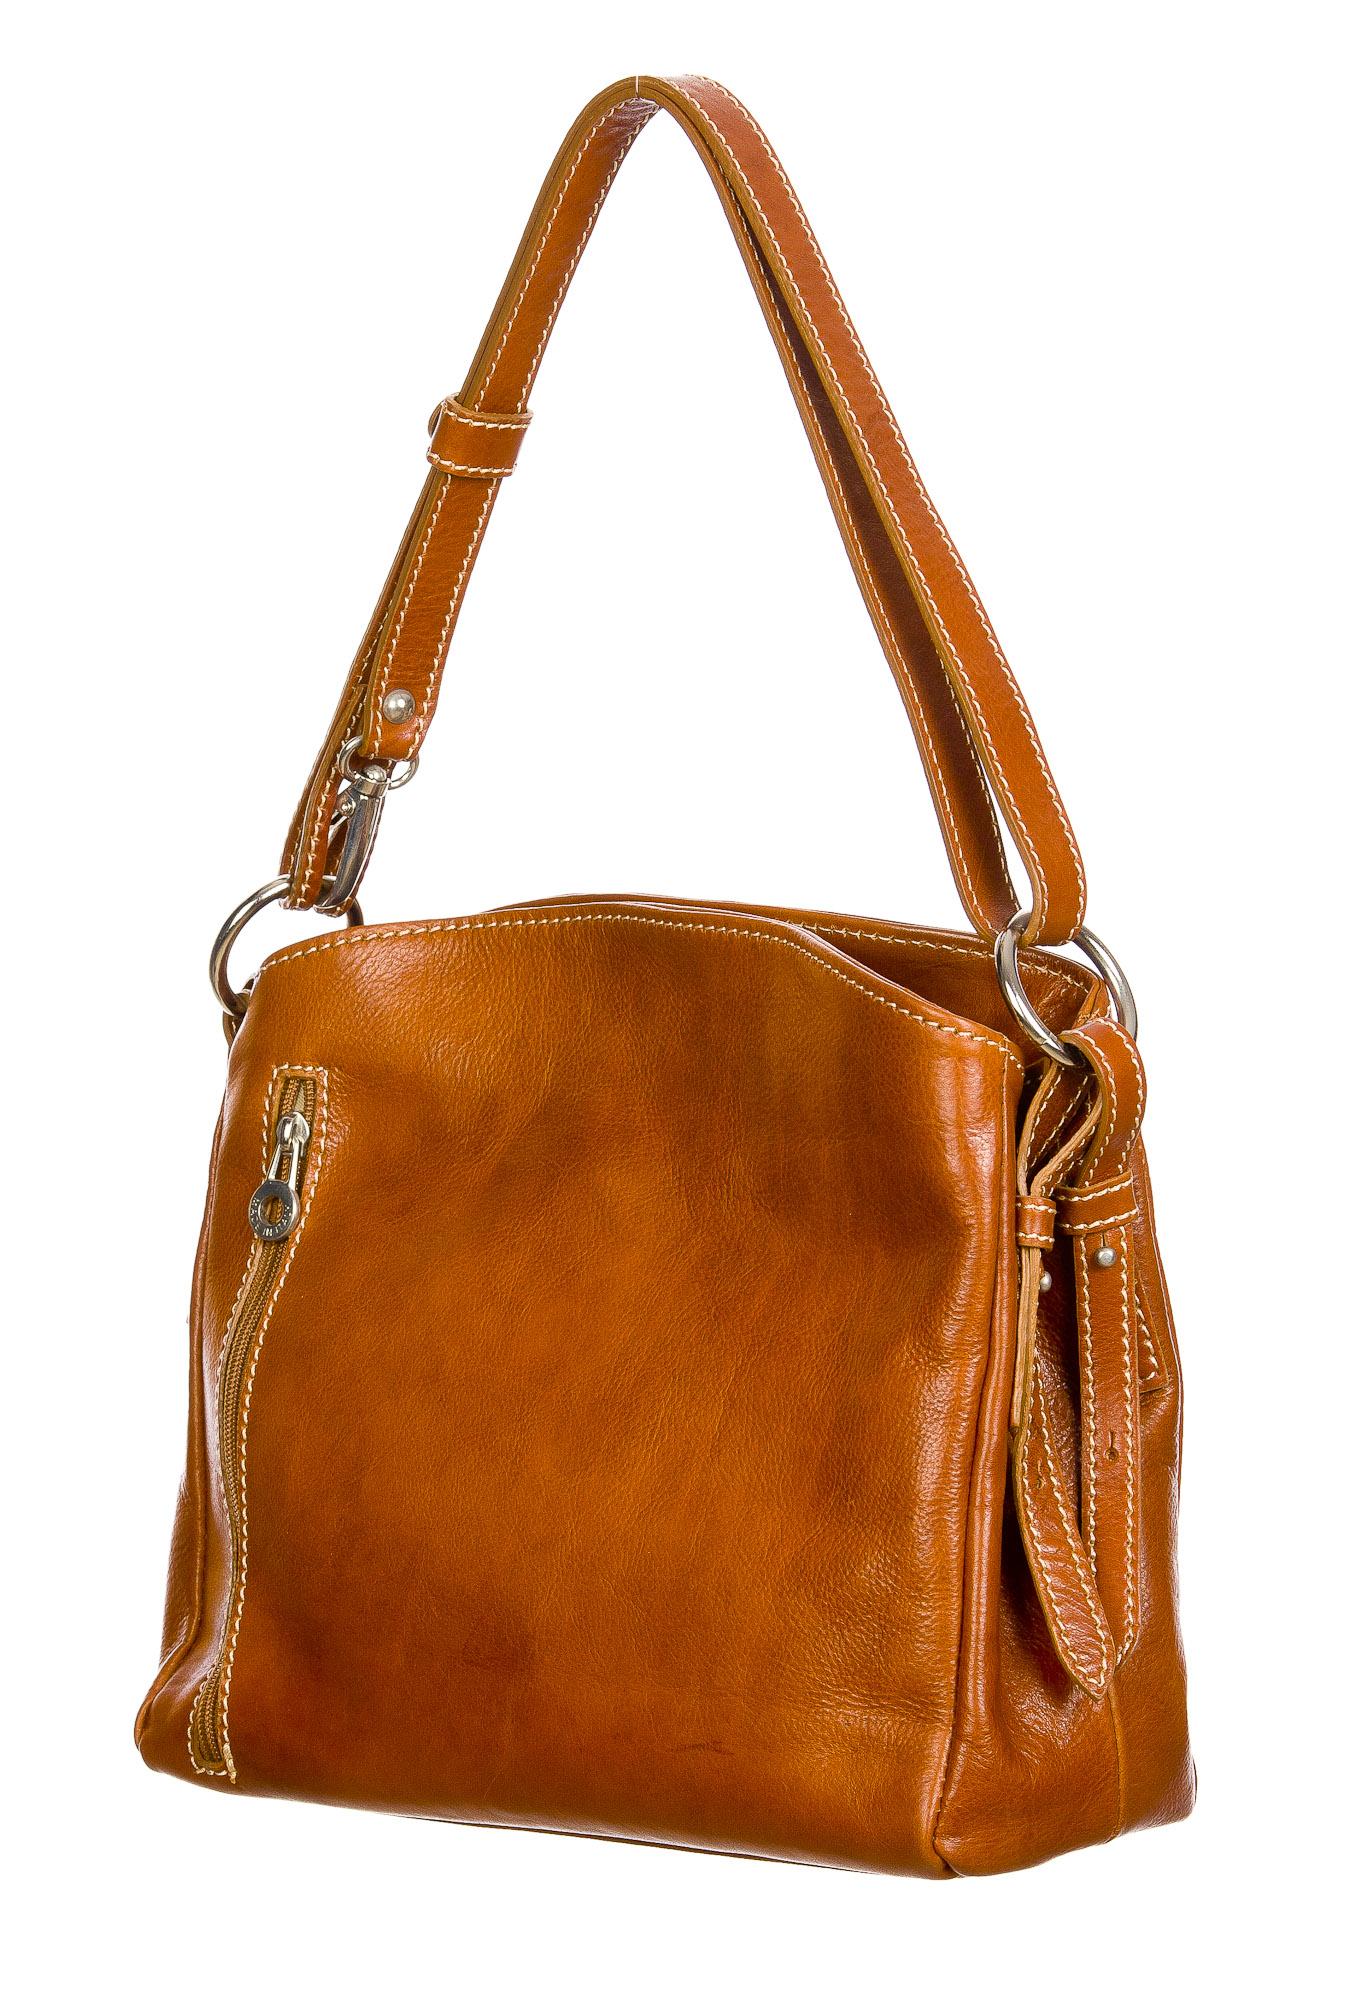 ORNELLA : borsa donna a spalla in cuoio, colore : MIELE, Made in Italy